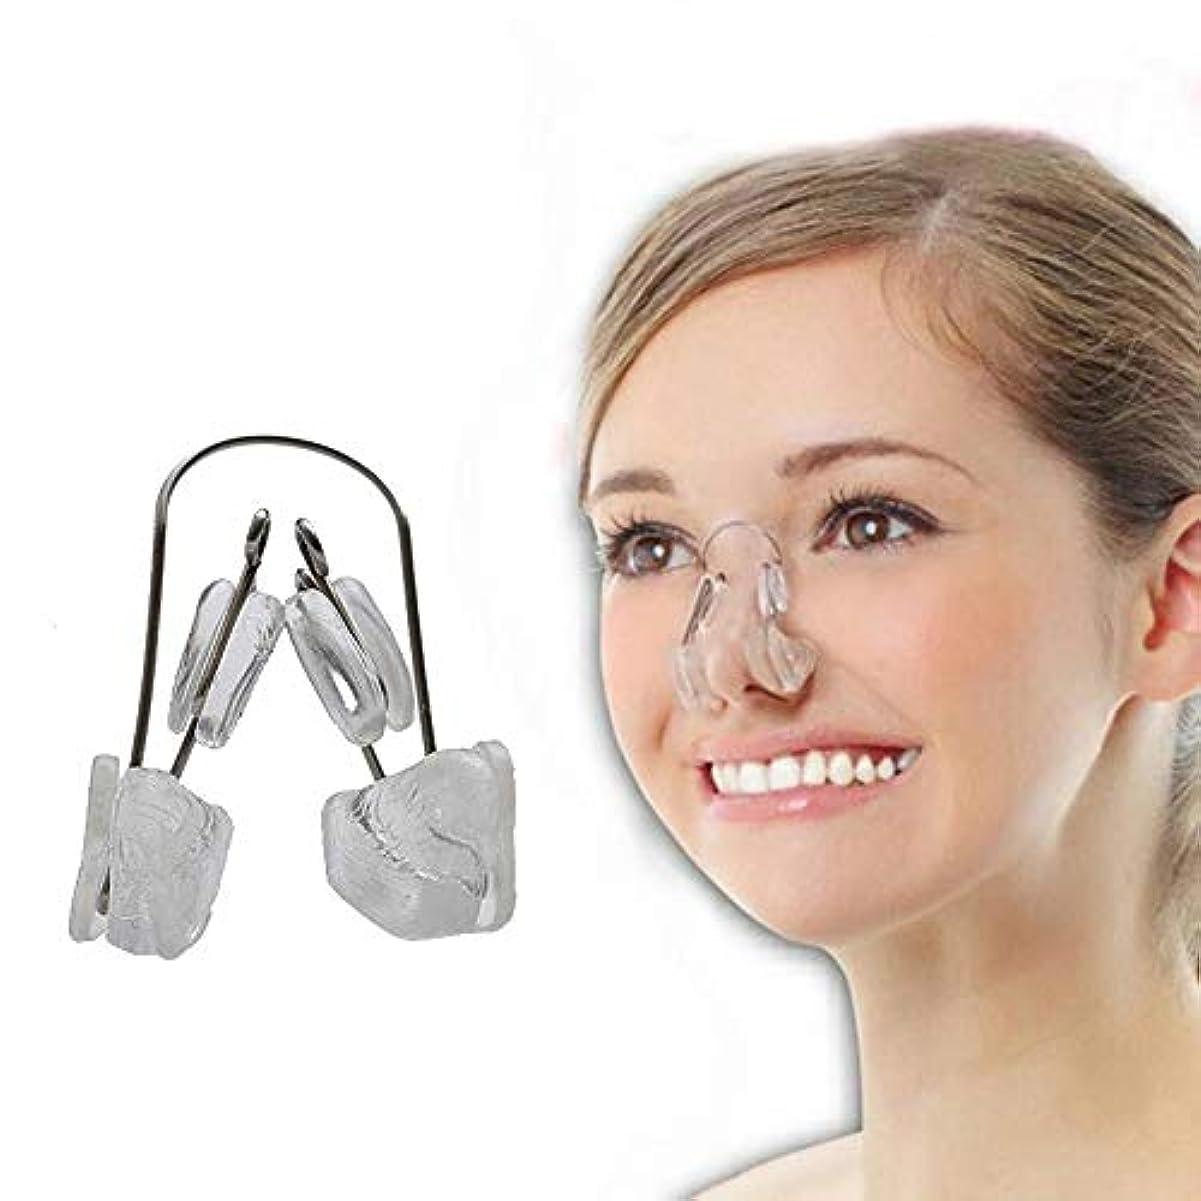 遵守する葉を集める第五Lindexs ないノーズアップピン ノーズアップピン 美鼻クリップ 鼻高く 鼻筋 矯正 (クリア)